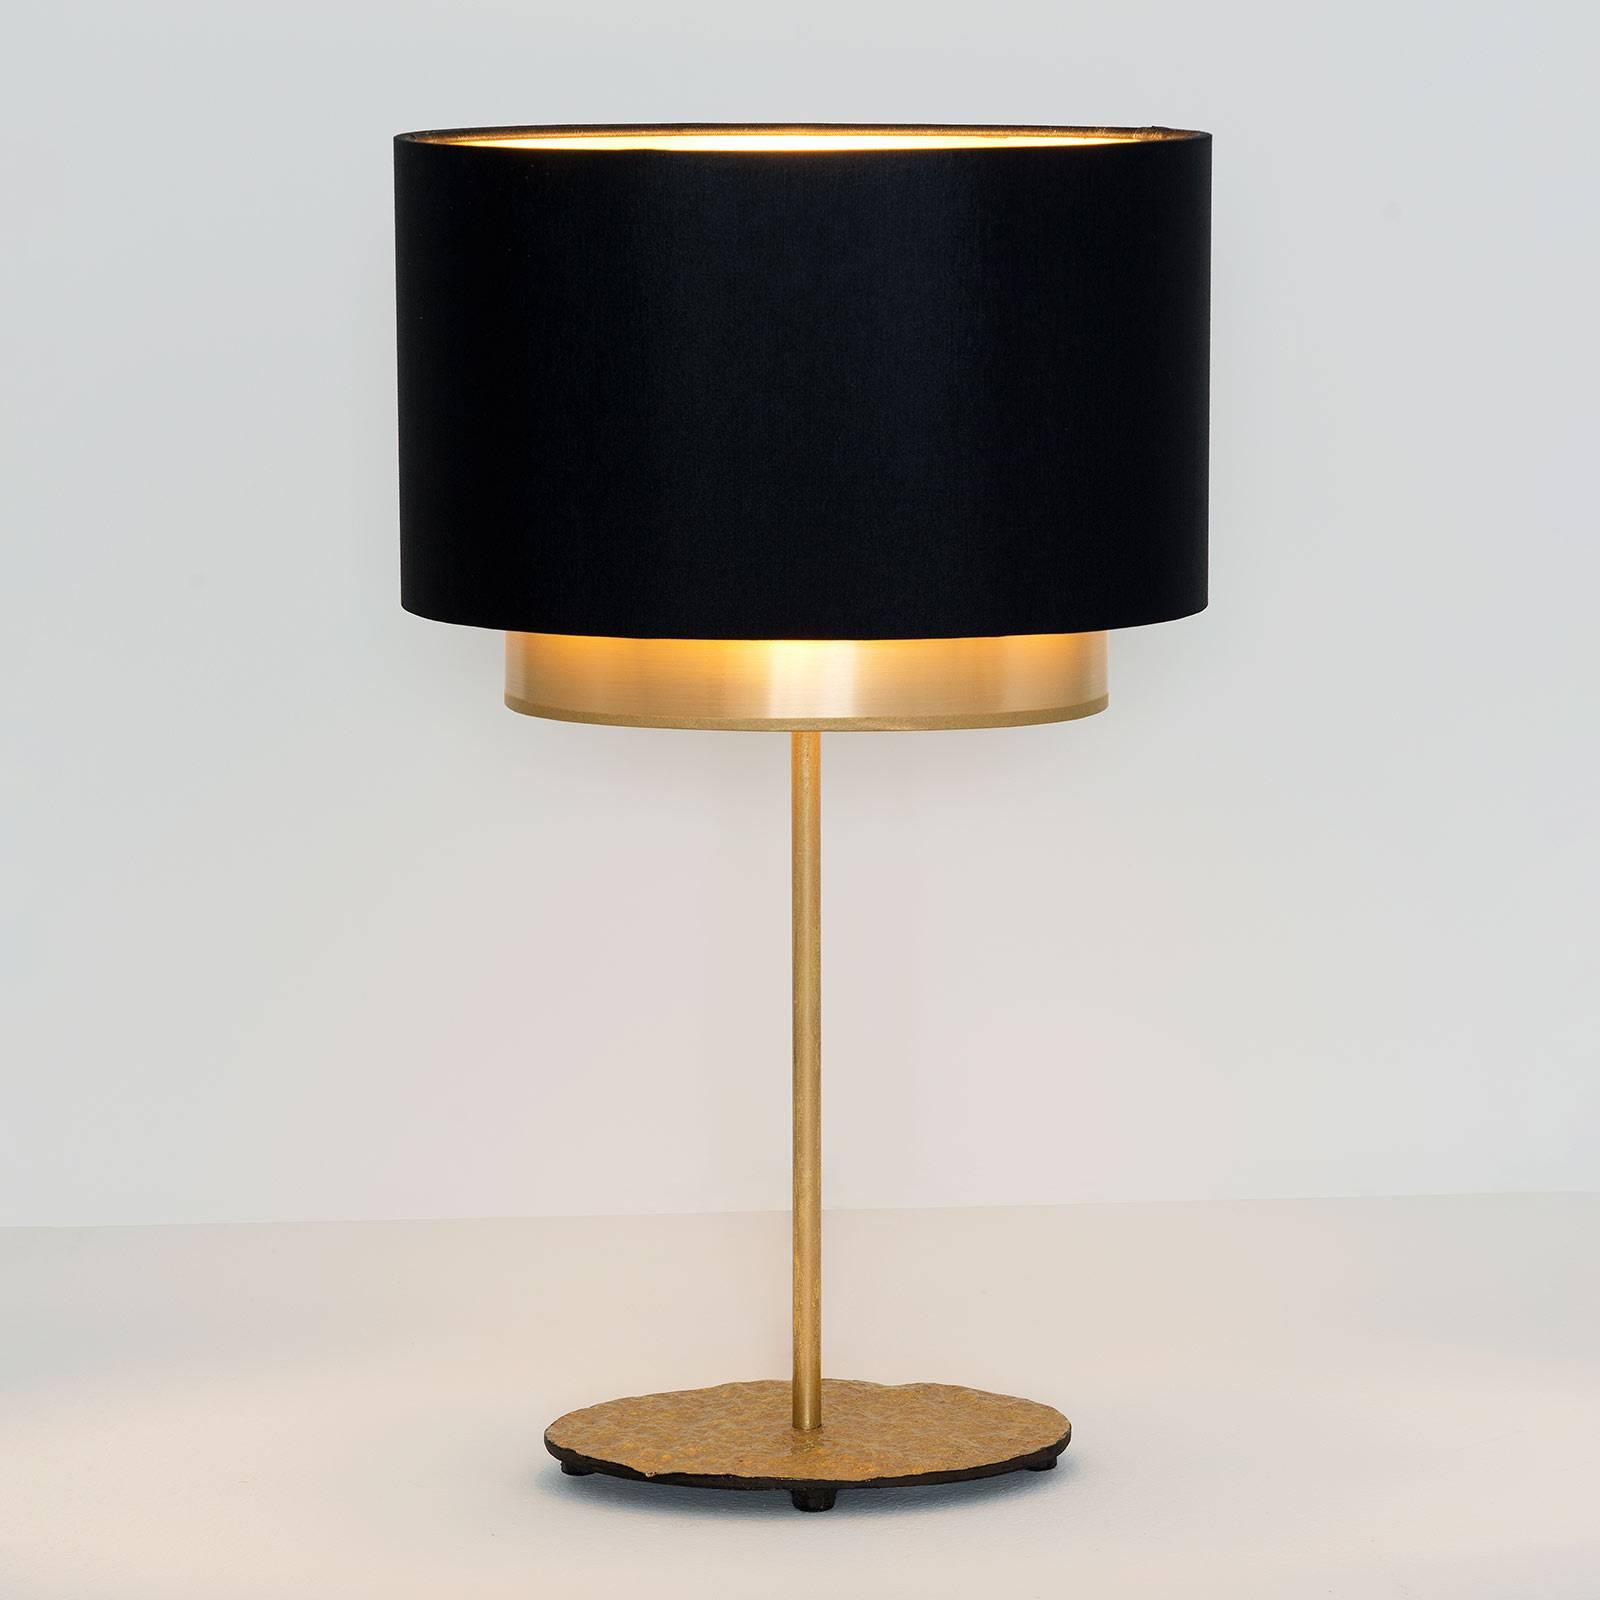 Tafellamp Mattia, ovaal, dubbel, zwart/goud